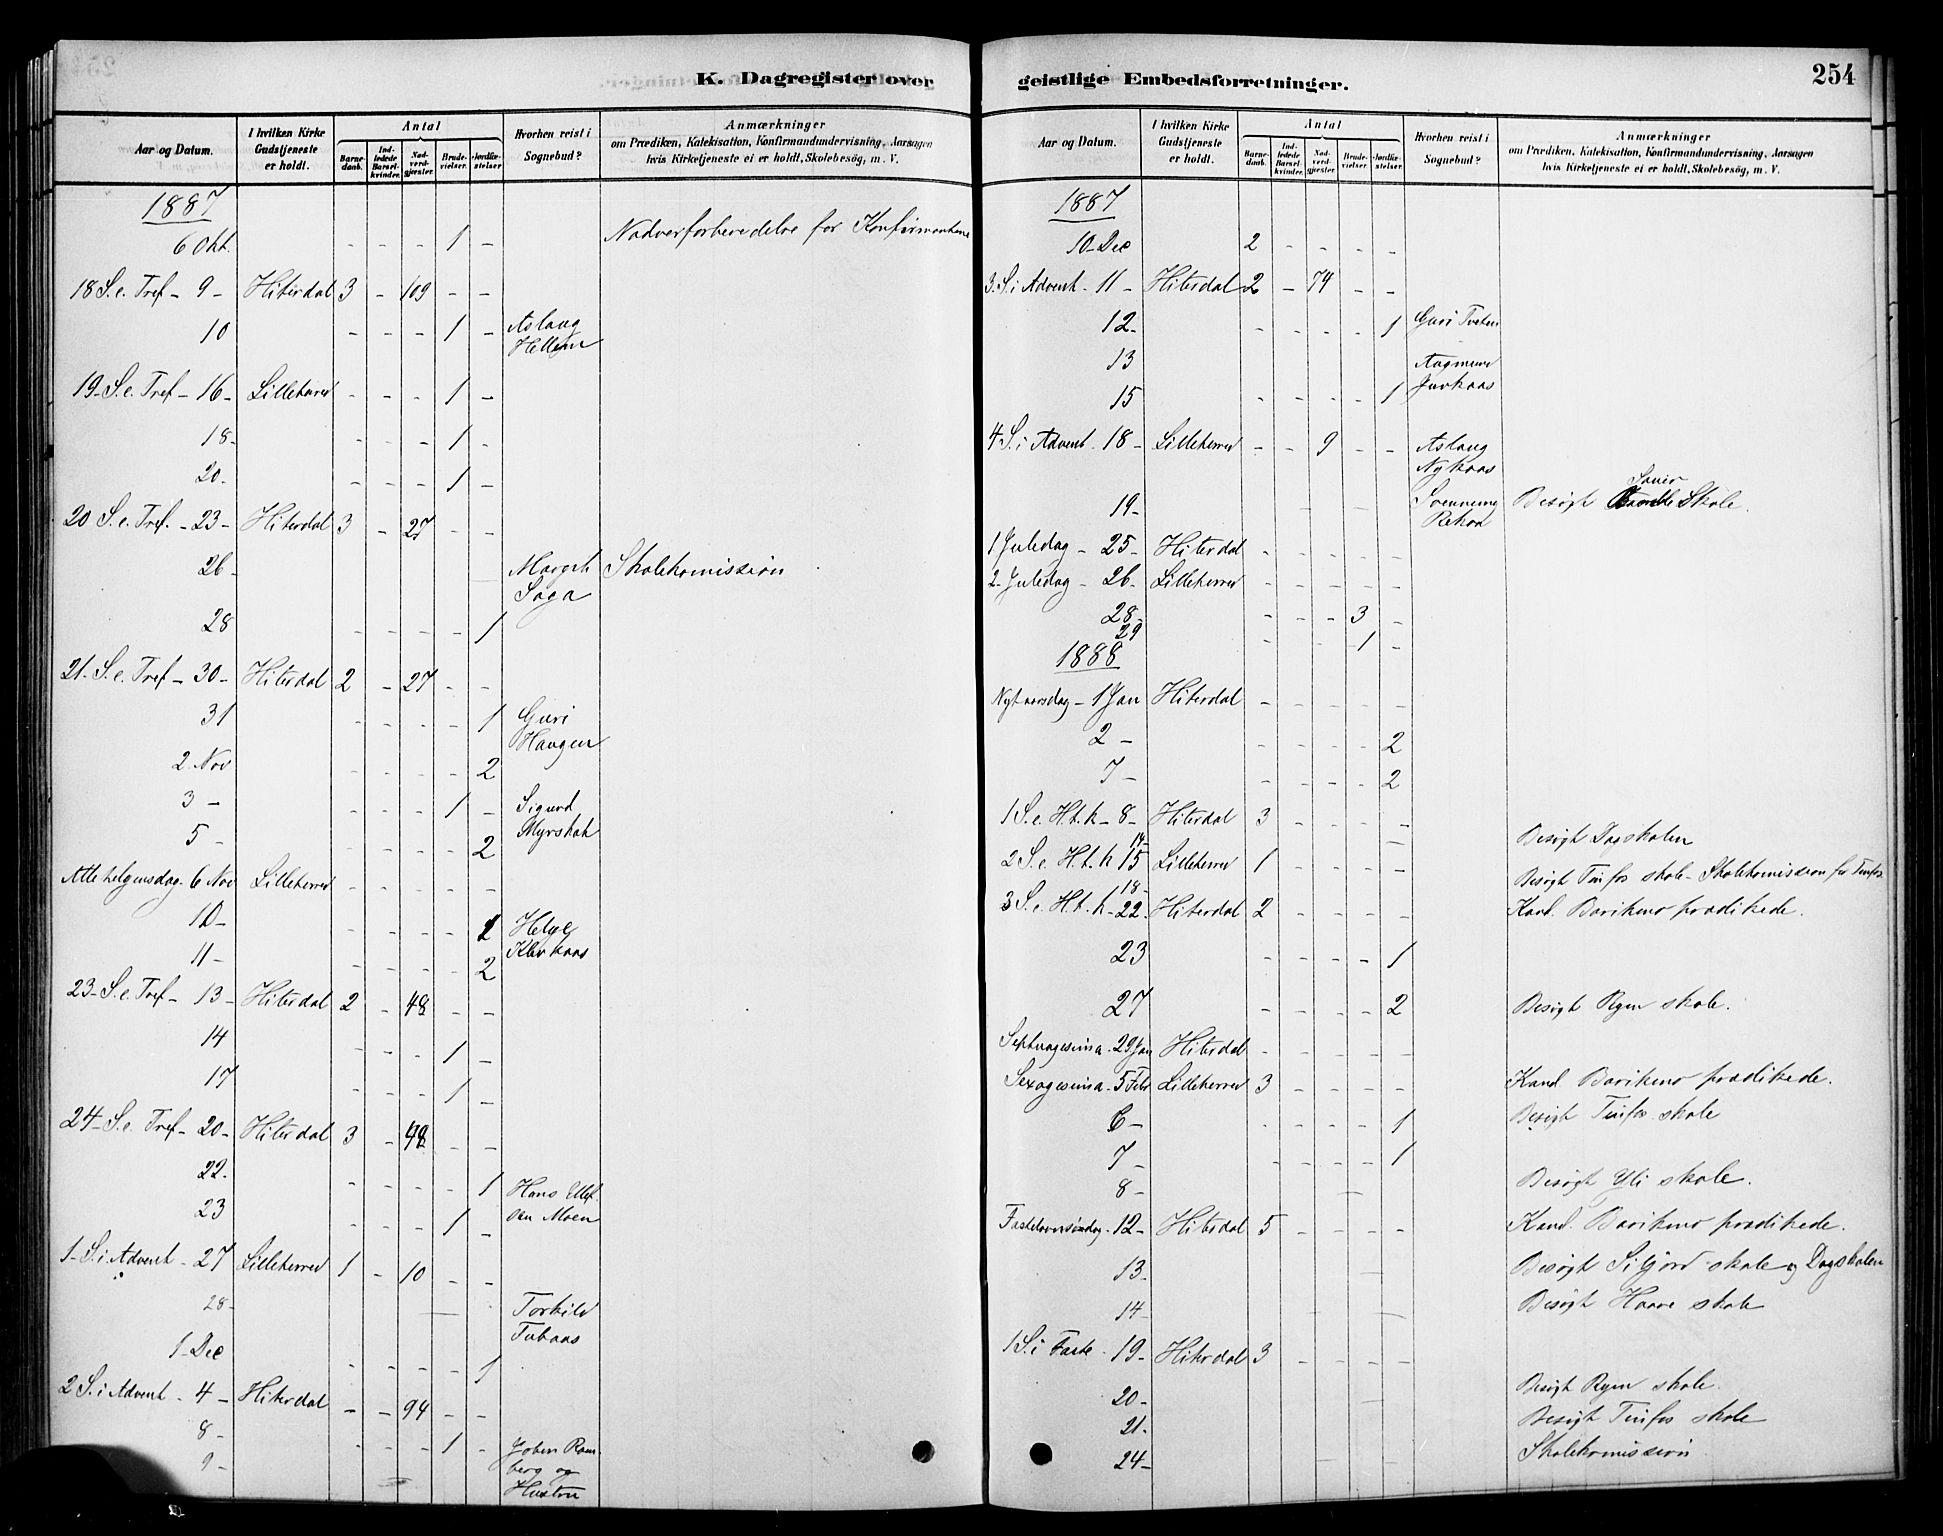 SAKO, Heddal kirkebøker, F/Fa/L0009: Ministerialbok nr. I 9, 1878-1903, s. 254